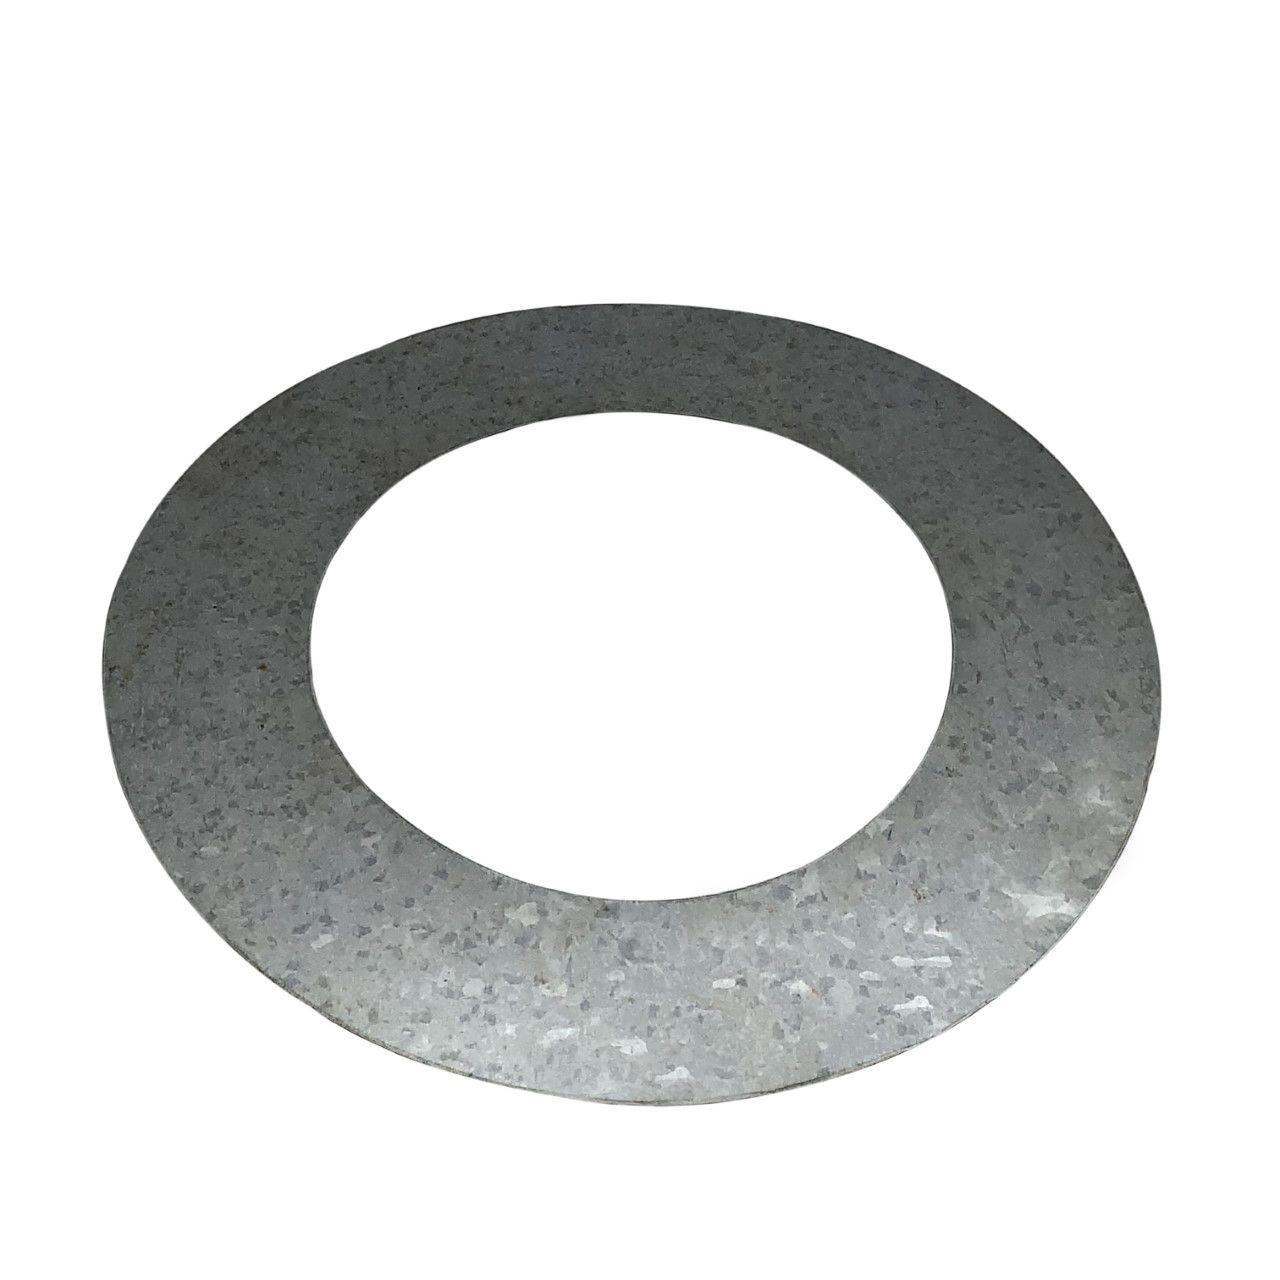 Anel de acabamento galvanizado para laje ou parede para dutos de 250 mm de diâmetro  - Galvocalhas